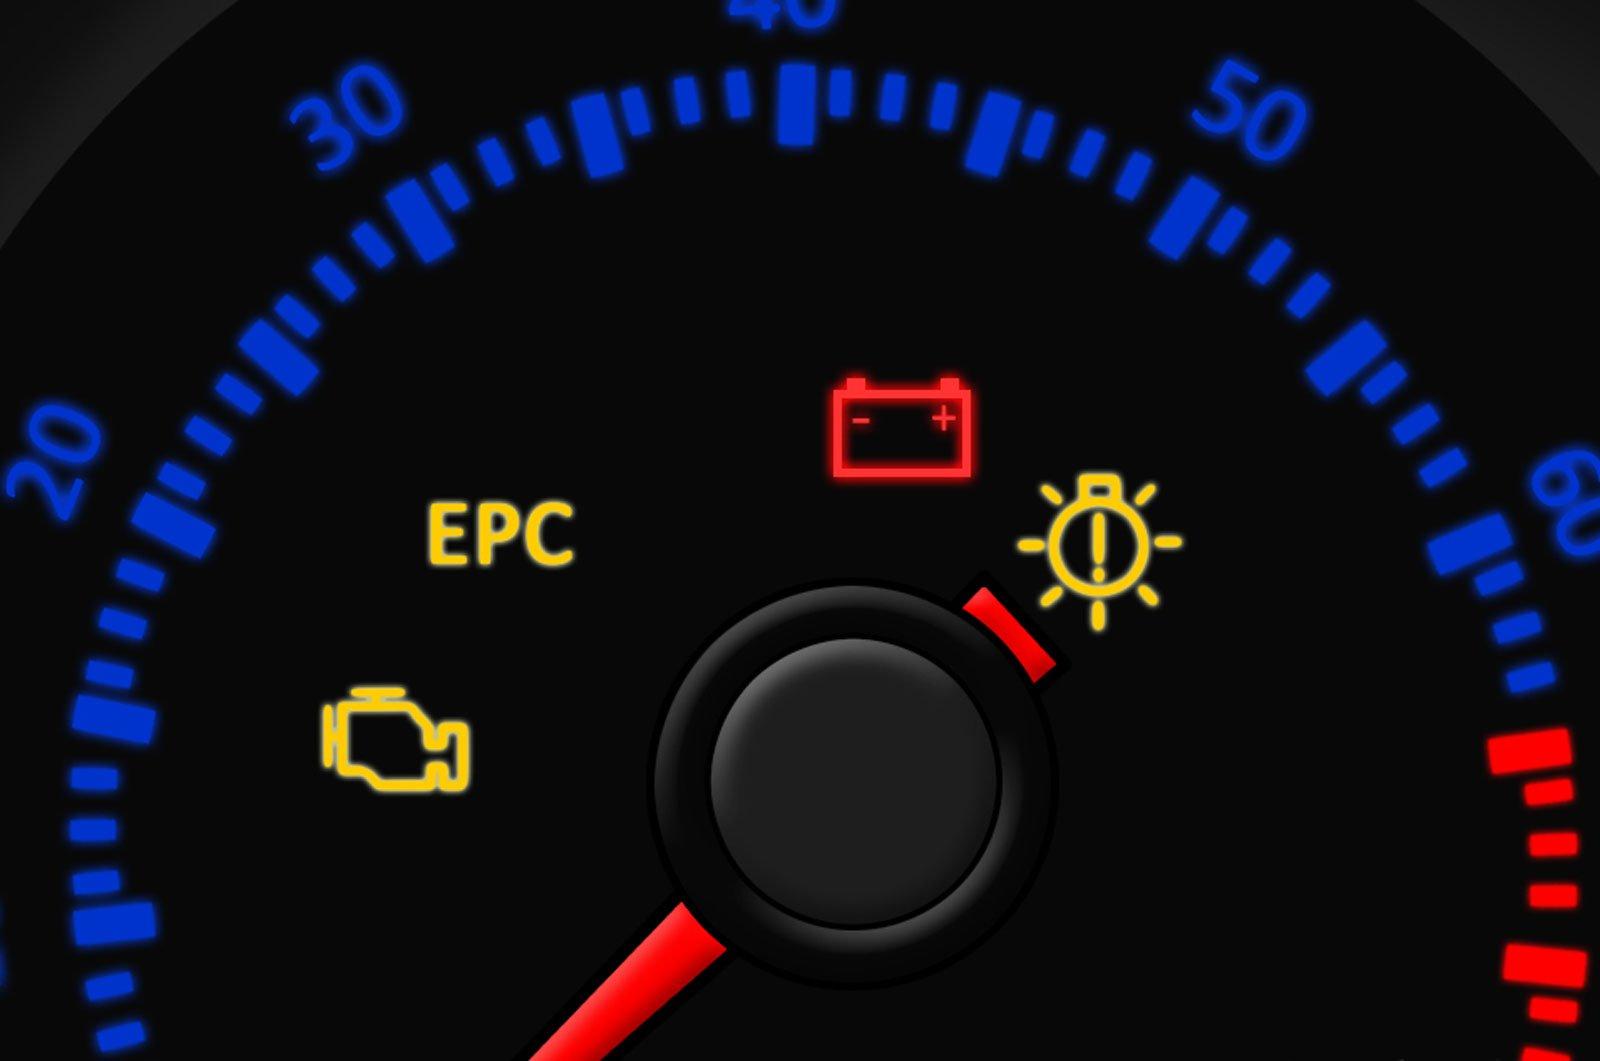 EPC warning light